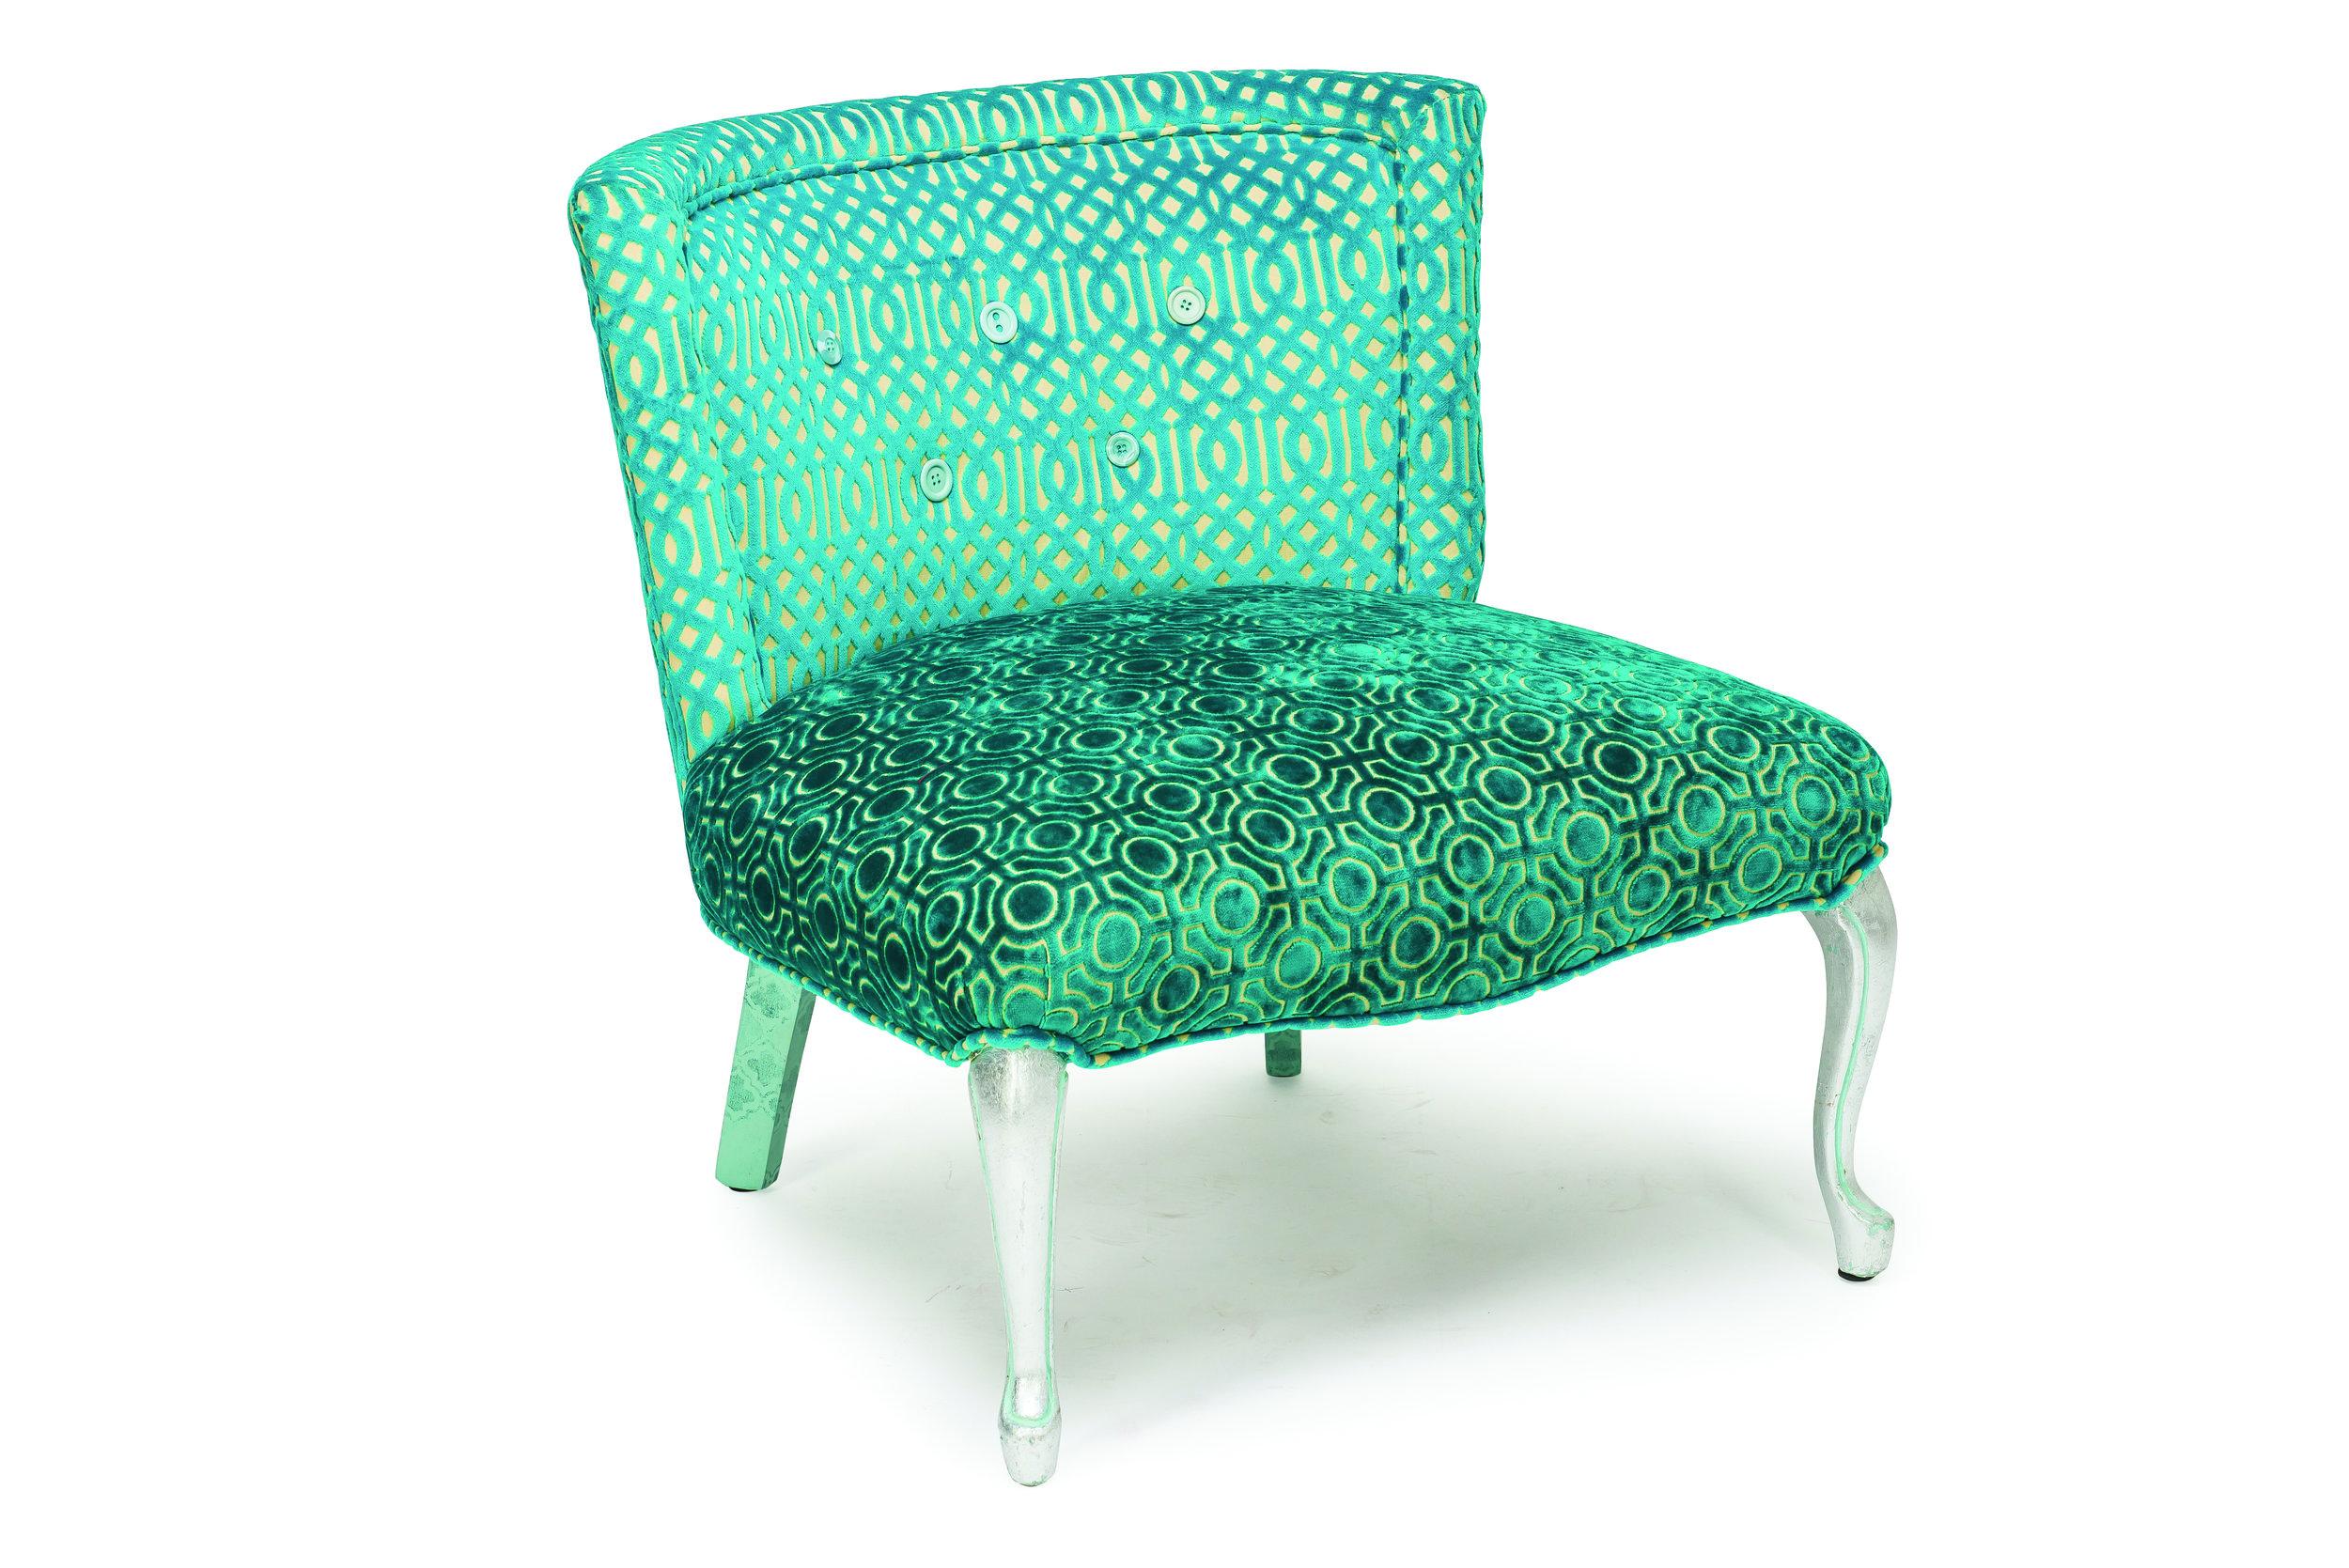 Aqua Velvet chair available here!